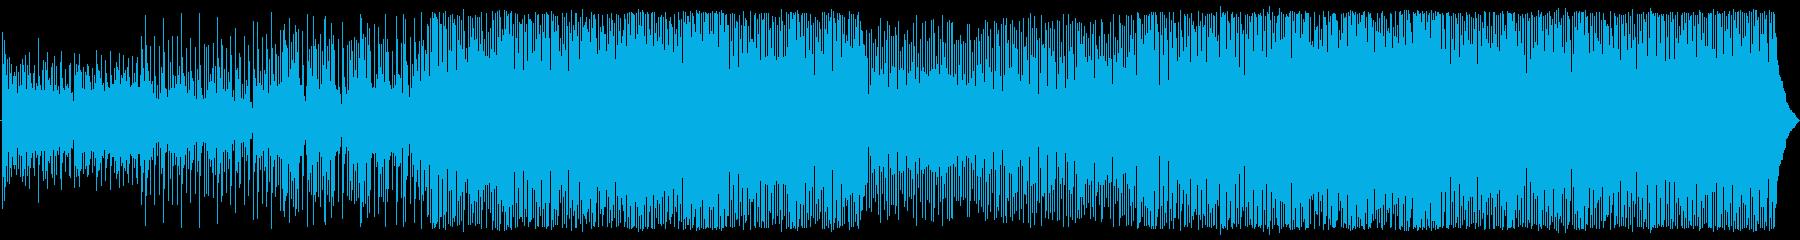 美しい動きとオリジナルのメロディー...の再生済みの波形